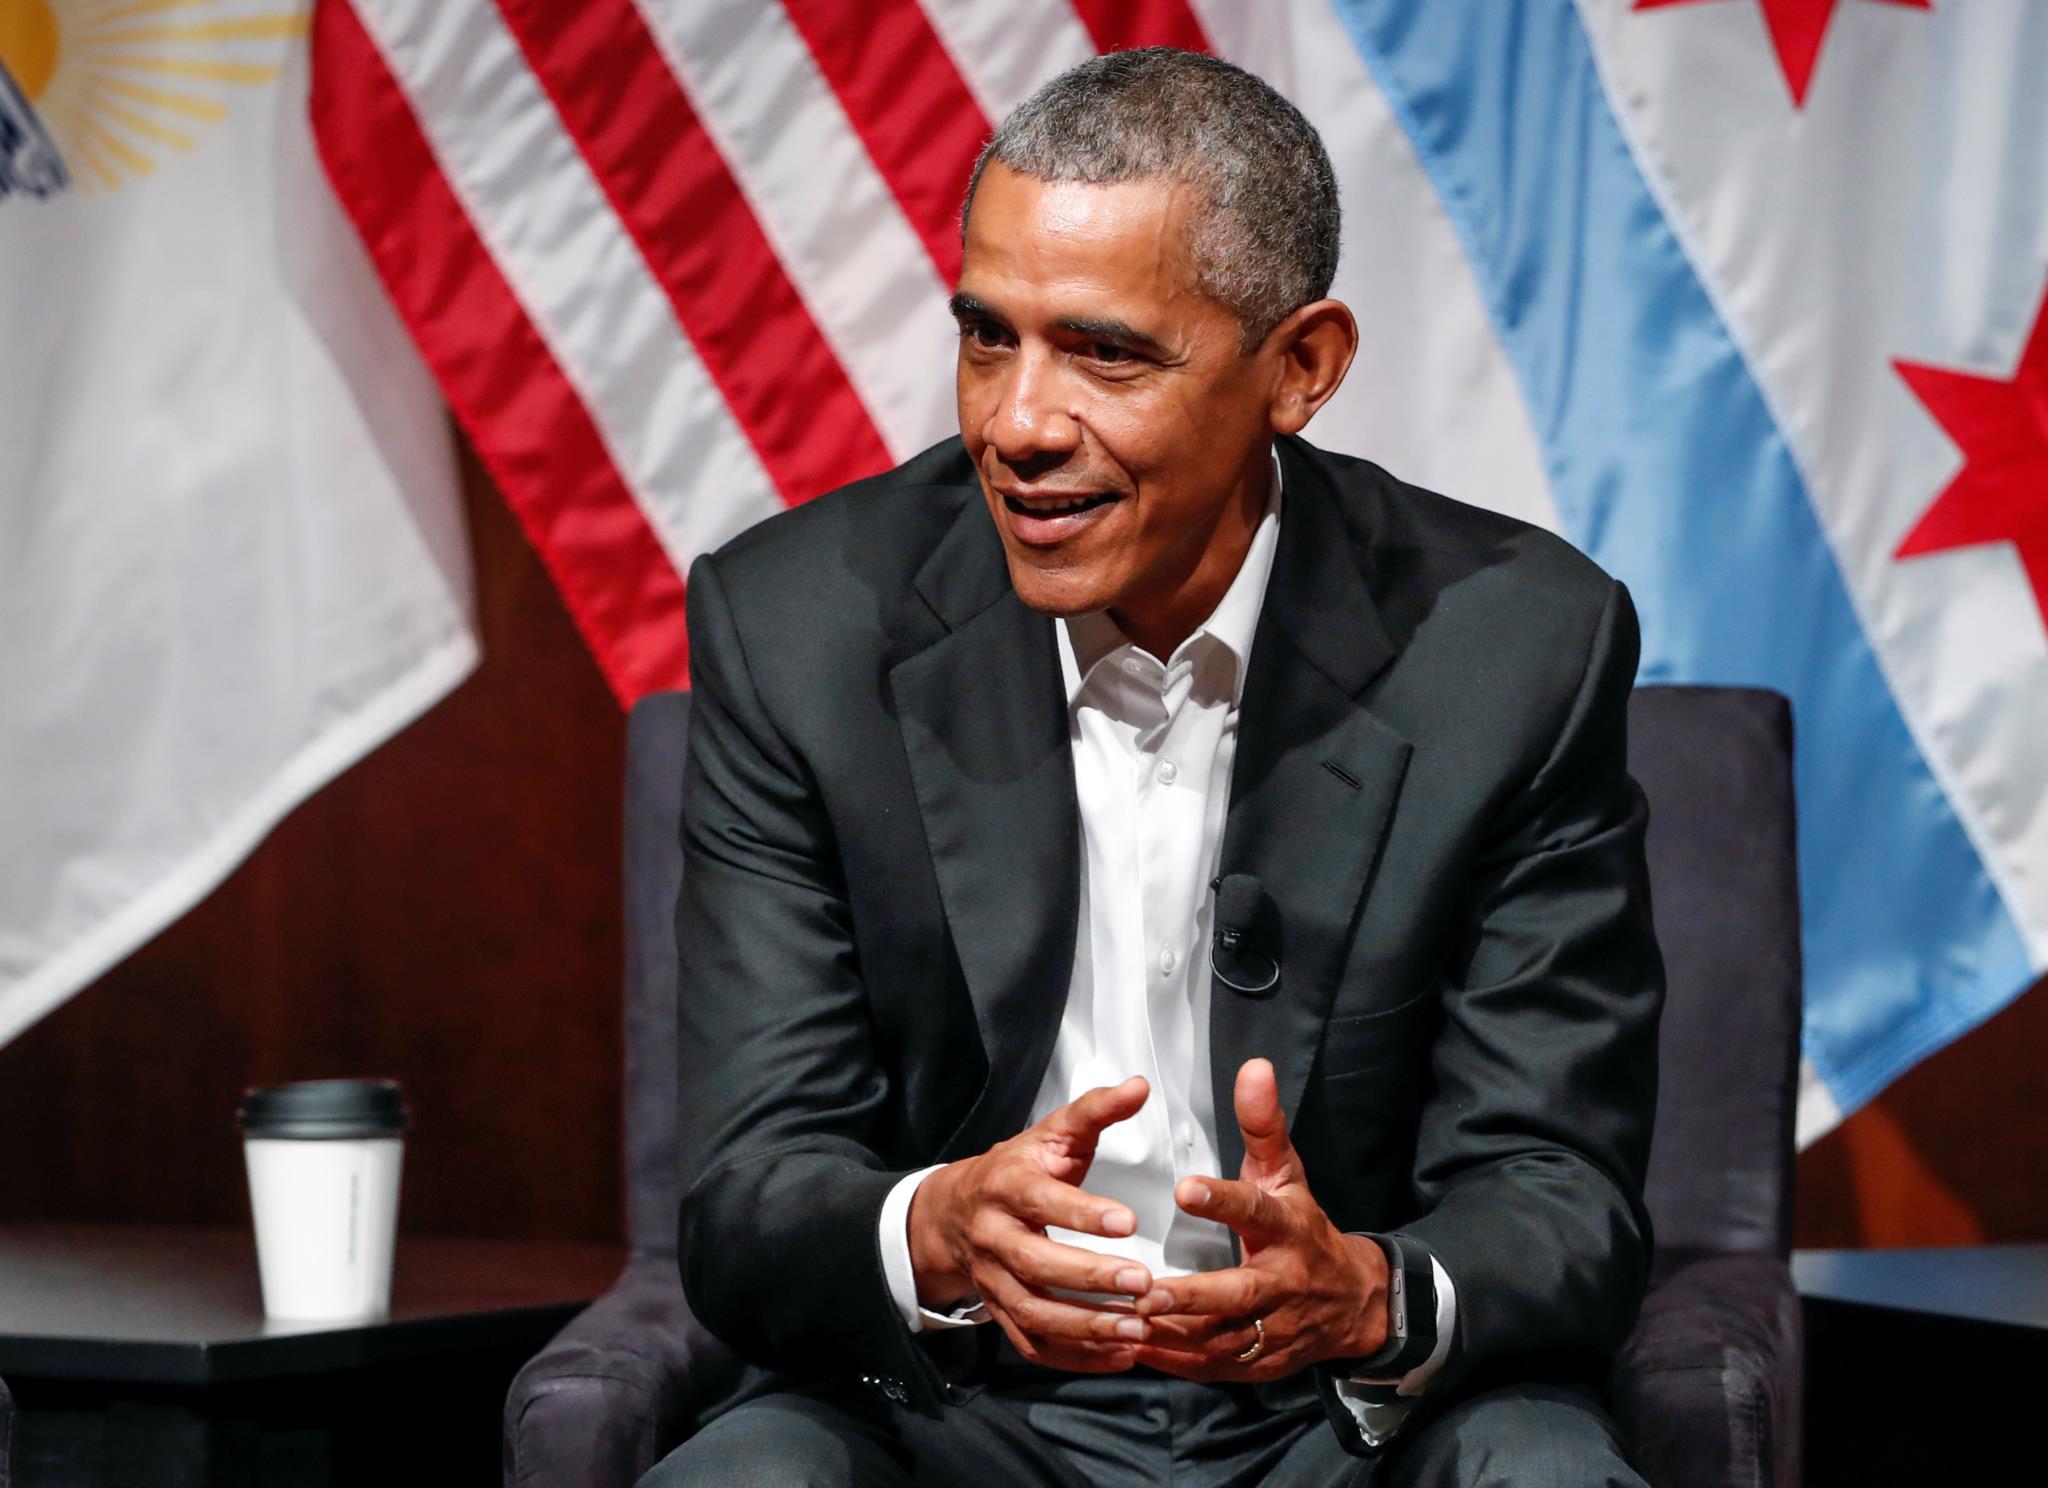 PÚBLICO - Obama regressa para chamar os jovens à política e recomenda cuidado com as <i>selfies</i>